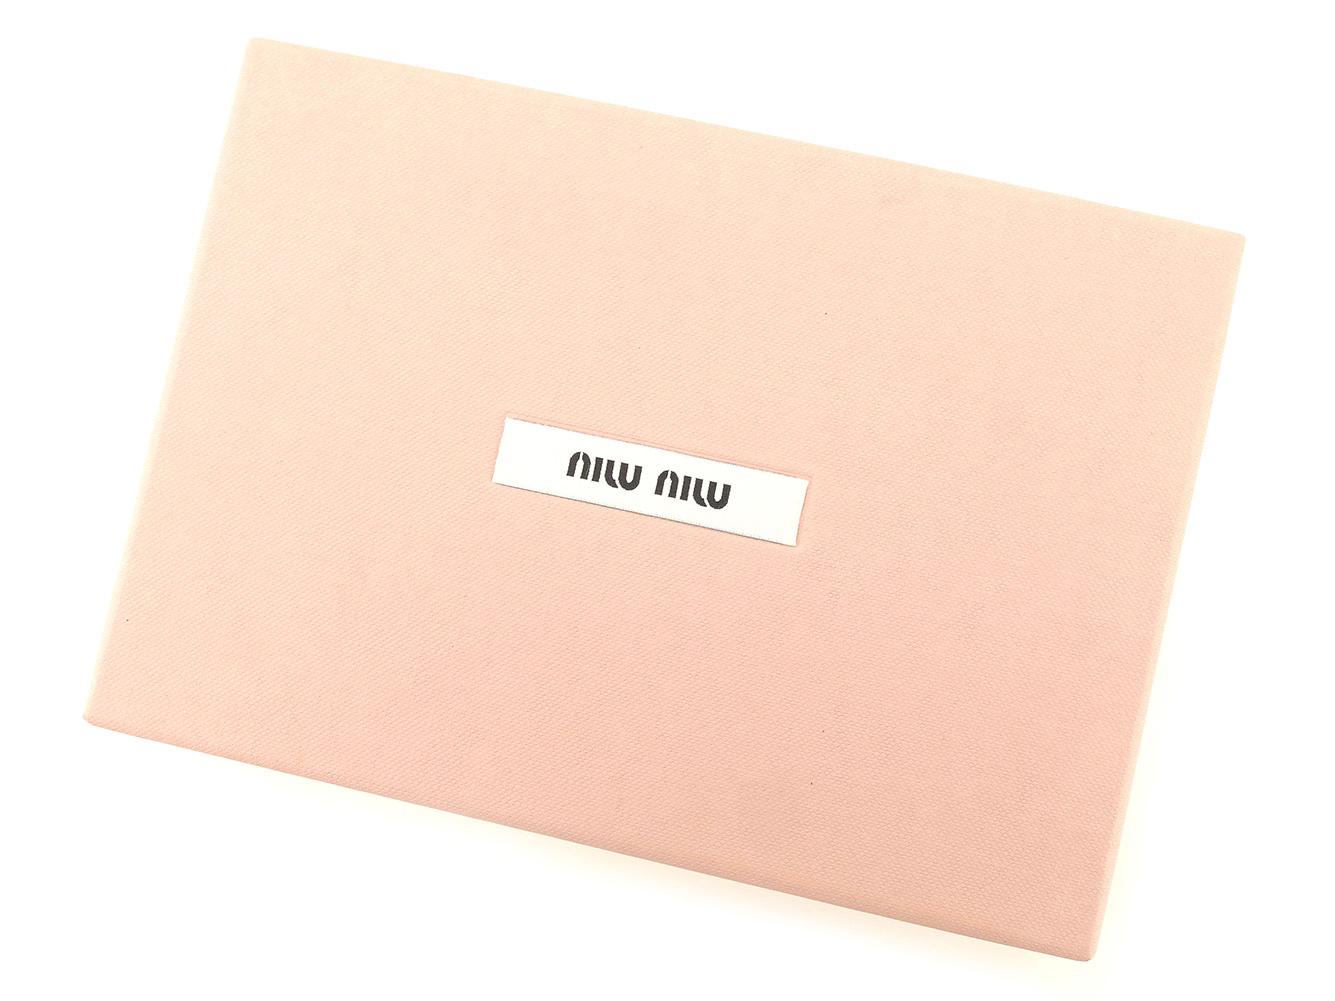 ミュウミュウ miu miu notebook cover system notebook Lady s agenda ribbon motif  yellow gold pink enamel leather popularity sale H589 cf1ba3762a98a